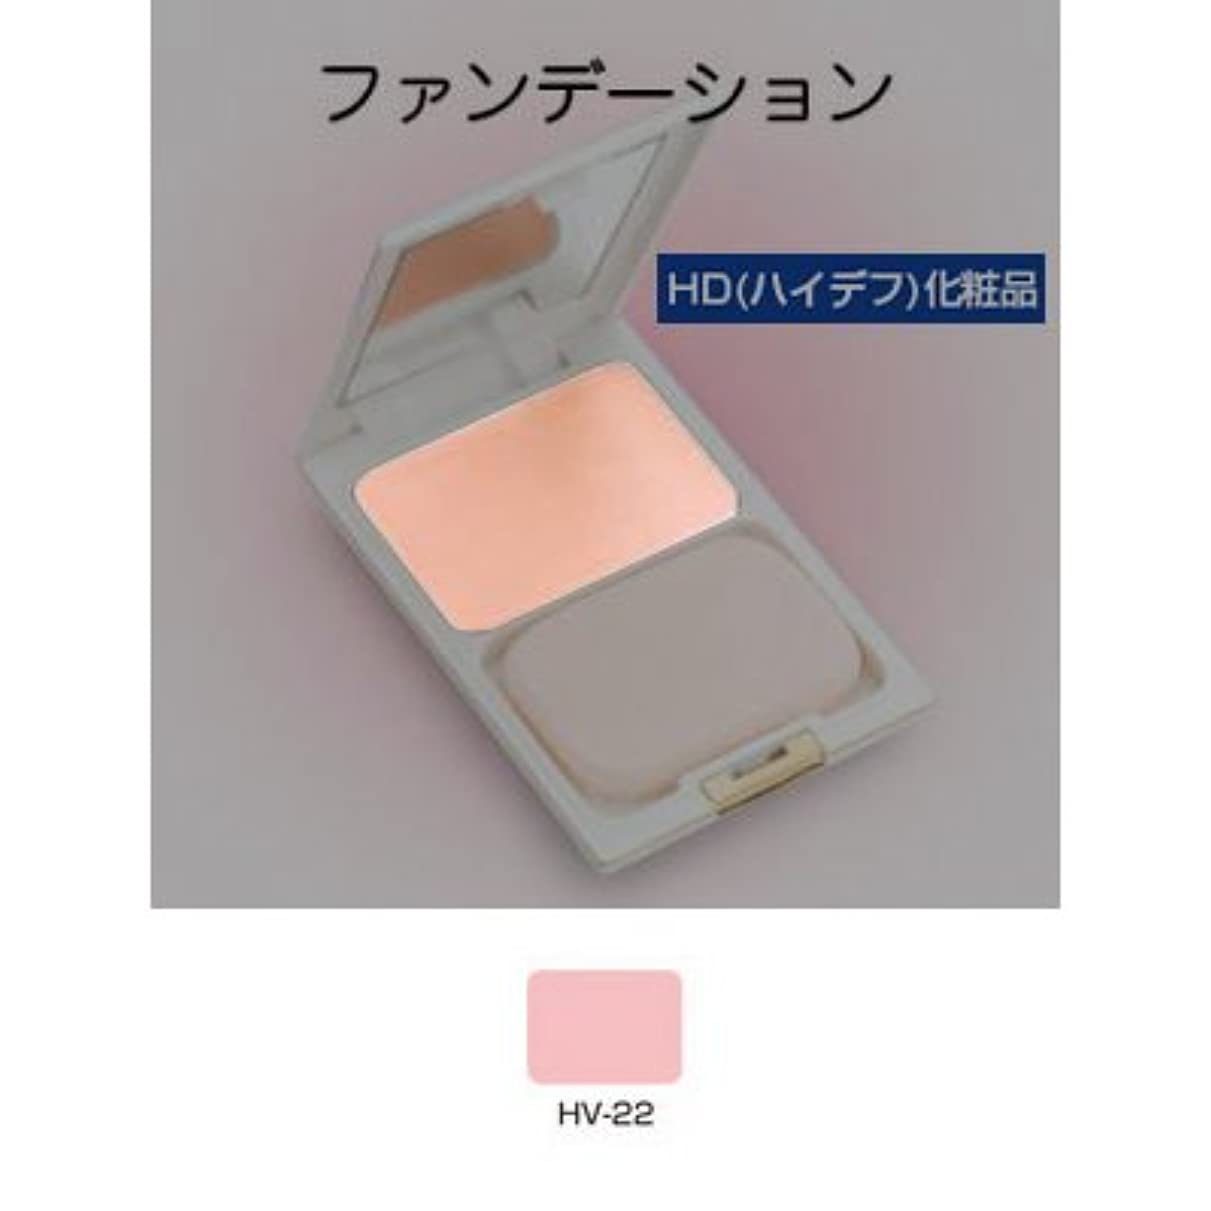 電球普及ペネロペシャレナ パウダリィファンデーション レフィール 13g HV-22 【三善】